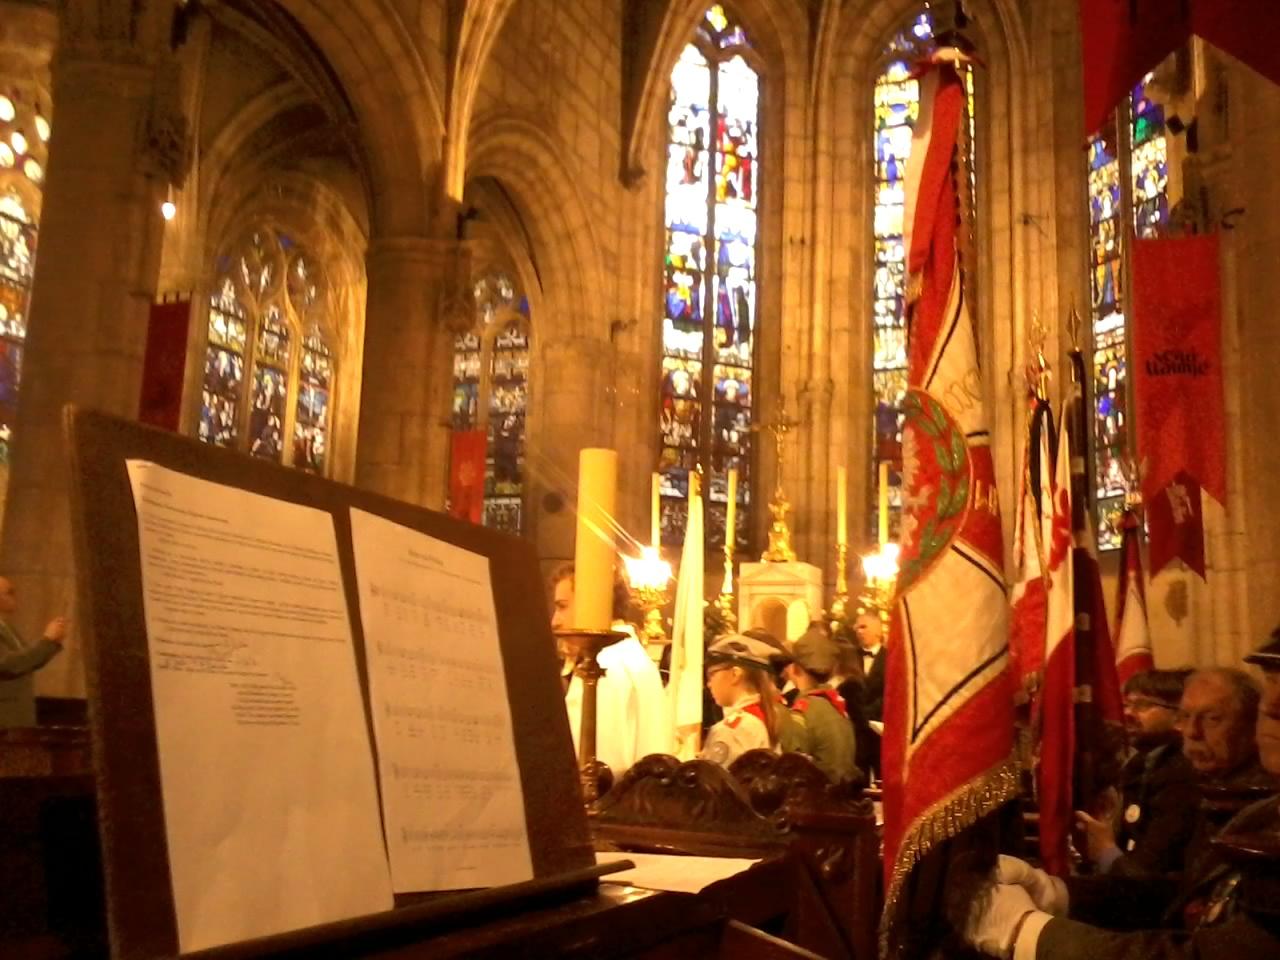 Pèlerinage polonais à Montmorency (29 mai 2016). Ici, pas d'expert pour l'orgue, une vaste arnaque du facteur pour extorquer des fonds aux paroissiens. Mais bon.